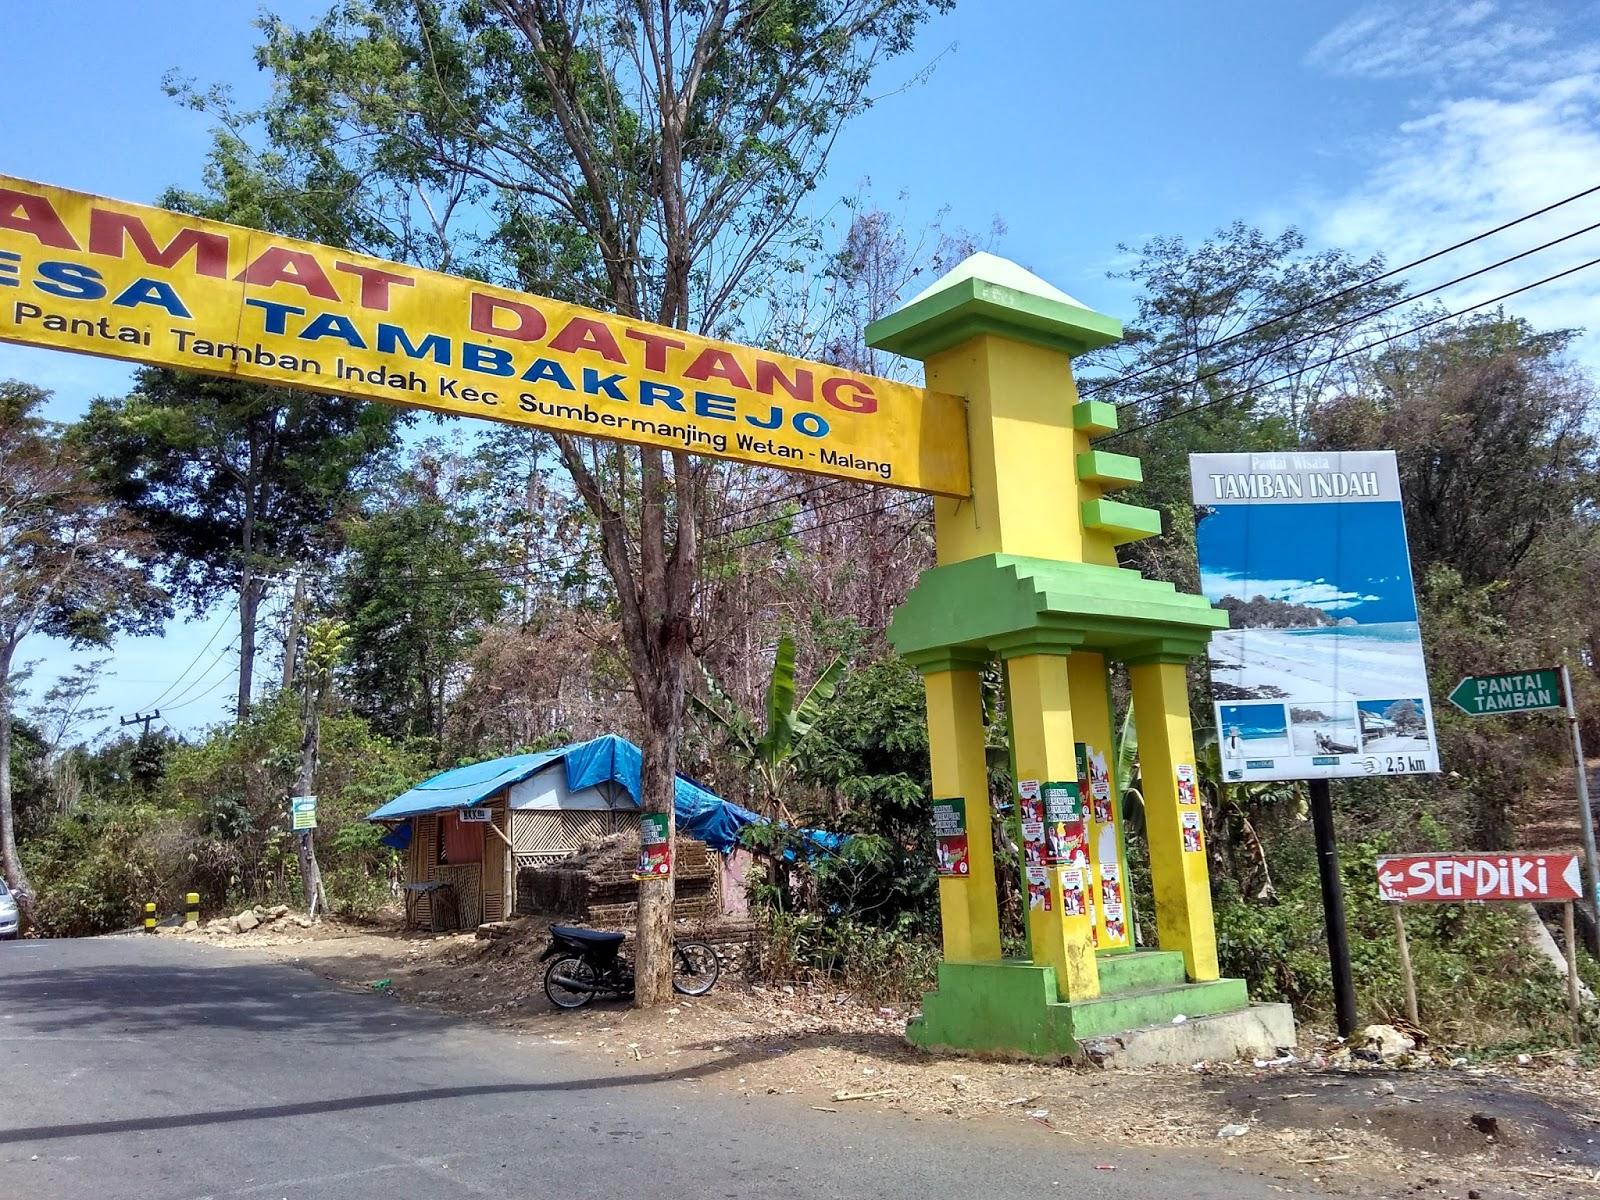 Jalan ke Pantai Tamban, Pantai Tamban, Pantai Tamban Malang, Malang, Kabupaten Malang, Dolan Dolen, Dolaners Jalan ke Pantai Tamban via asyrofil h - Dolan Dolen